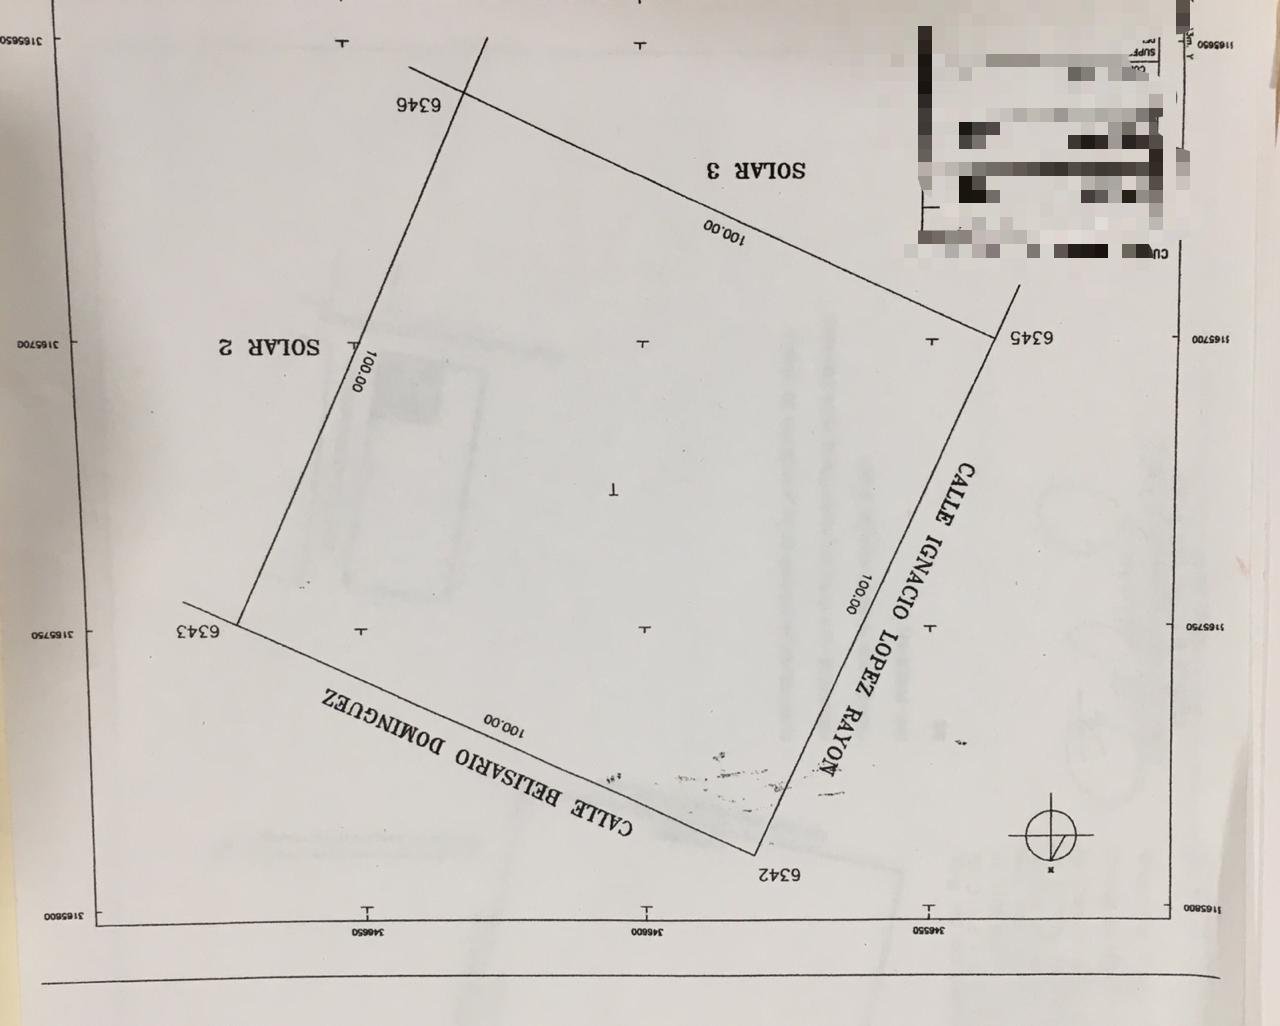 Se vende terreno Rustico- industrial cerca de la cartonera Gondi, a un lado de la empresa Coca-Cola grupo ARCA a 2 km de la compañía Cervecera Constellation Brands (VT #145-2/18)